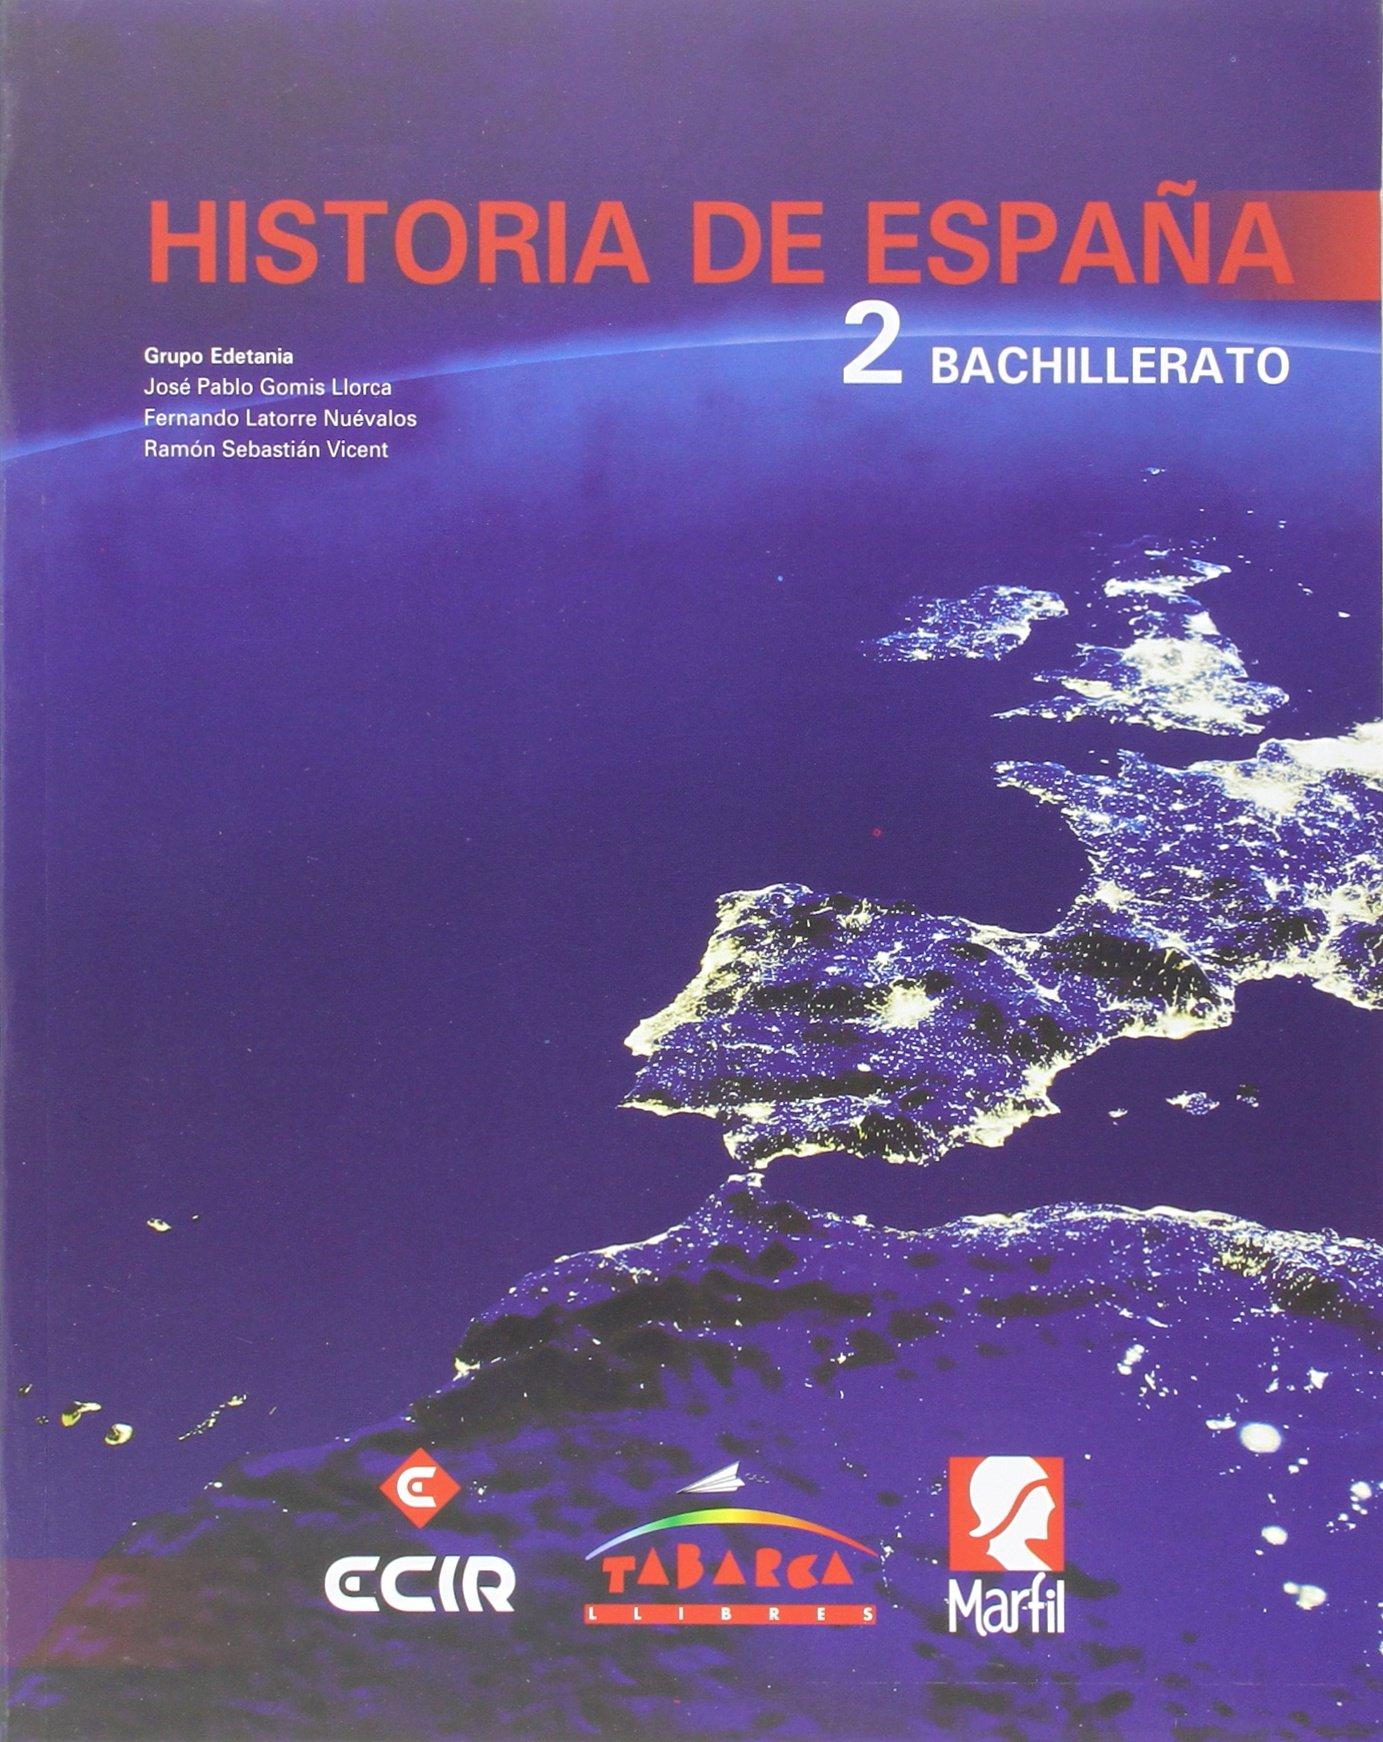 Historia de España 2º - 9788480253567: Amazon.es: Gomis Llorca, José Pablo, Latorre Nuévalos, Fernando, Sebastián Vicent, Ramón: Libros